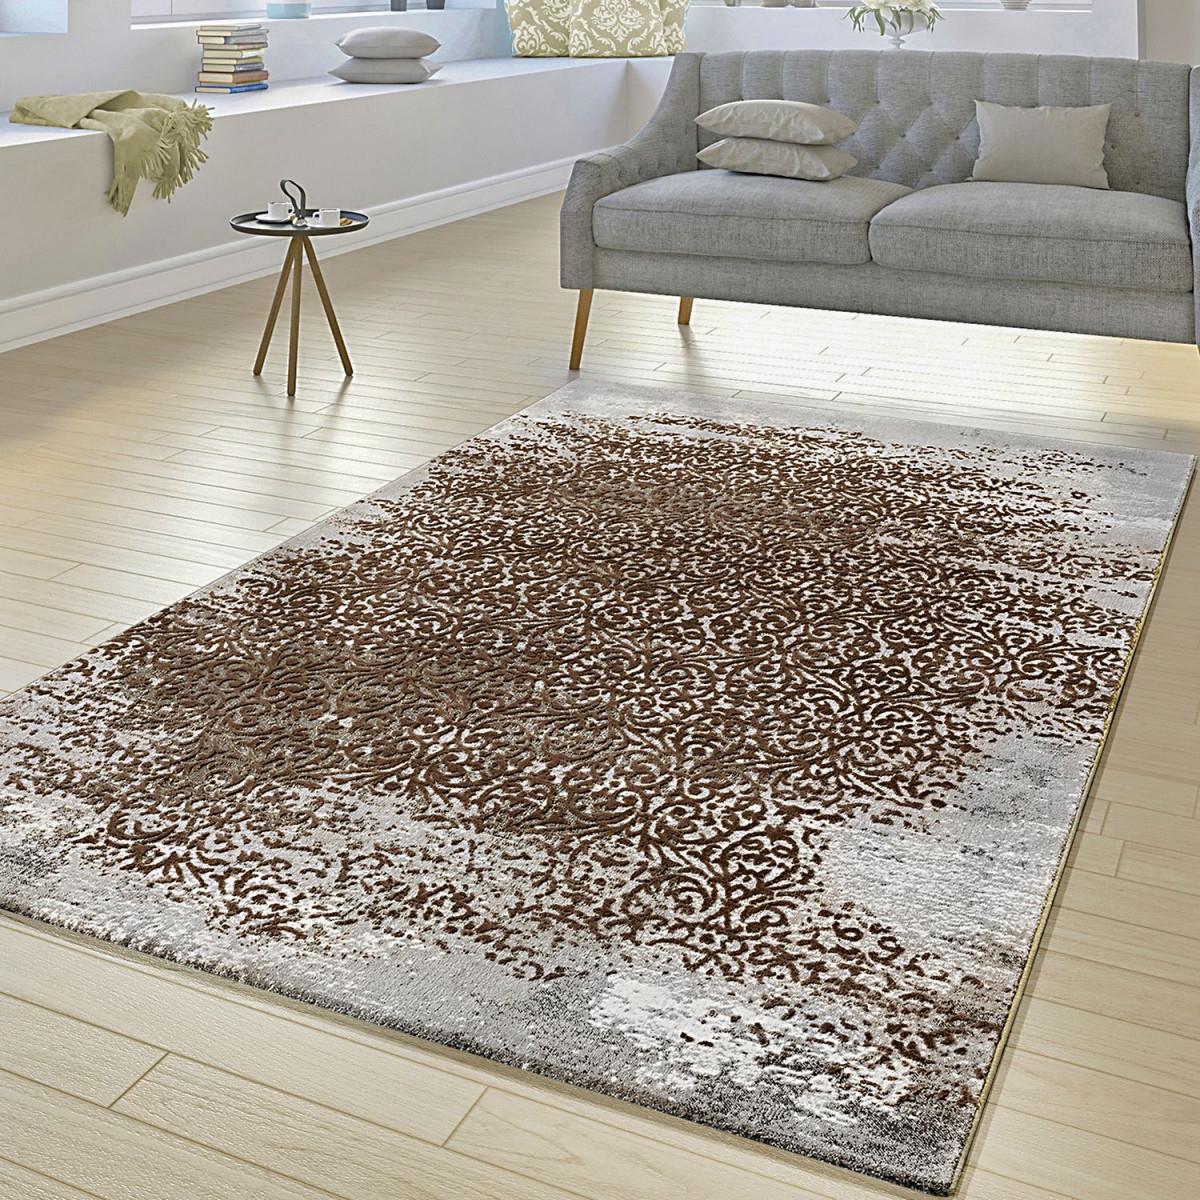 Teppich Wohnzimmer Modern – Caseconrad von Teppich Für Wohnzimmer Modern Photo